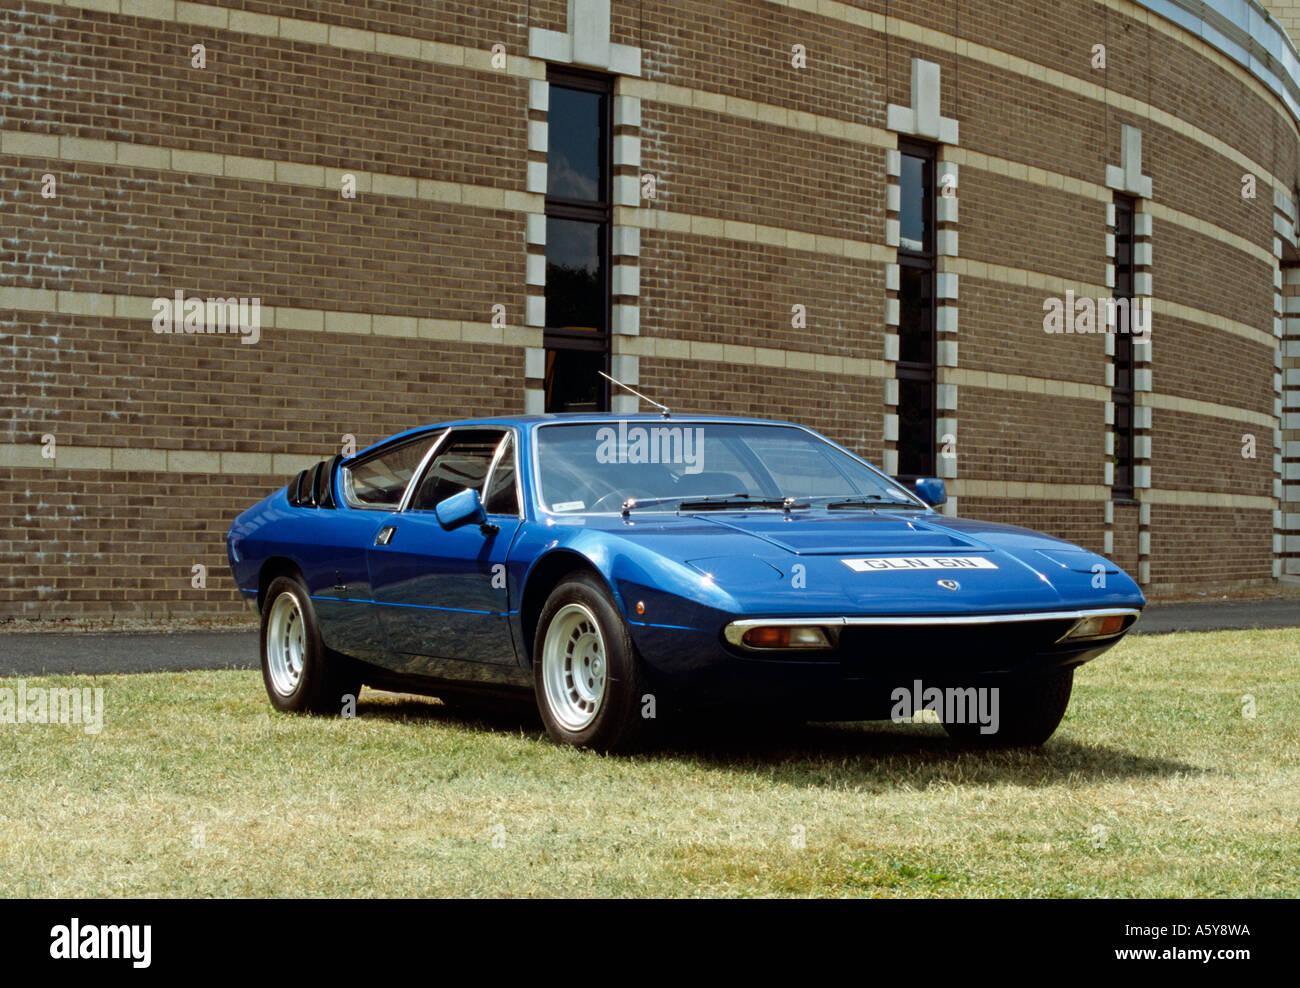 https://c8.alamy.com/comp/A5Y8WA/lamborghini-urraco-built-1972-to-1979-designed-by-marcello-gandini-A5Y8WA.jpg